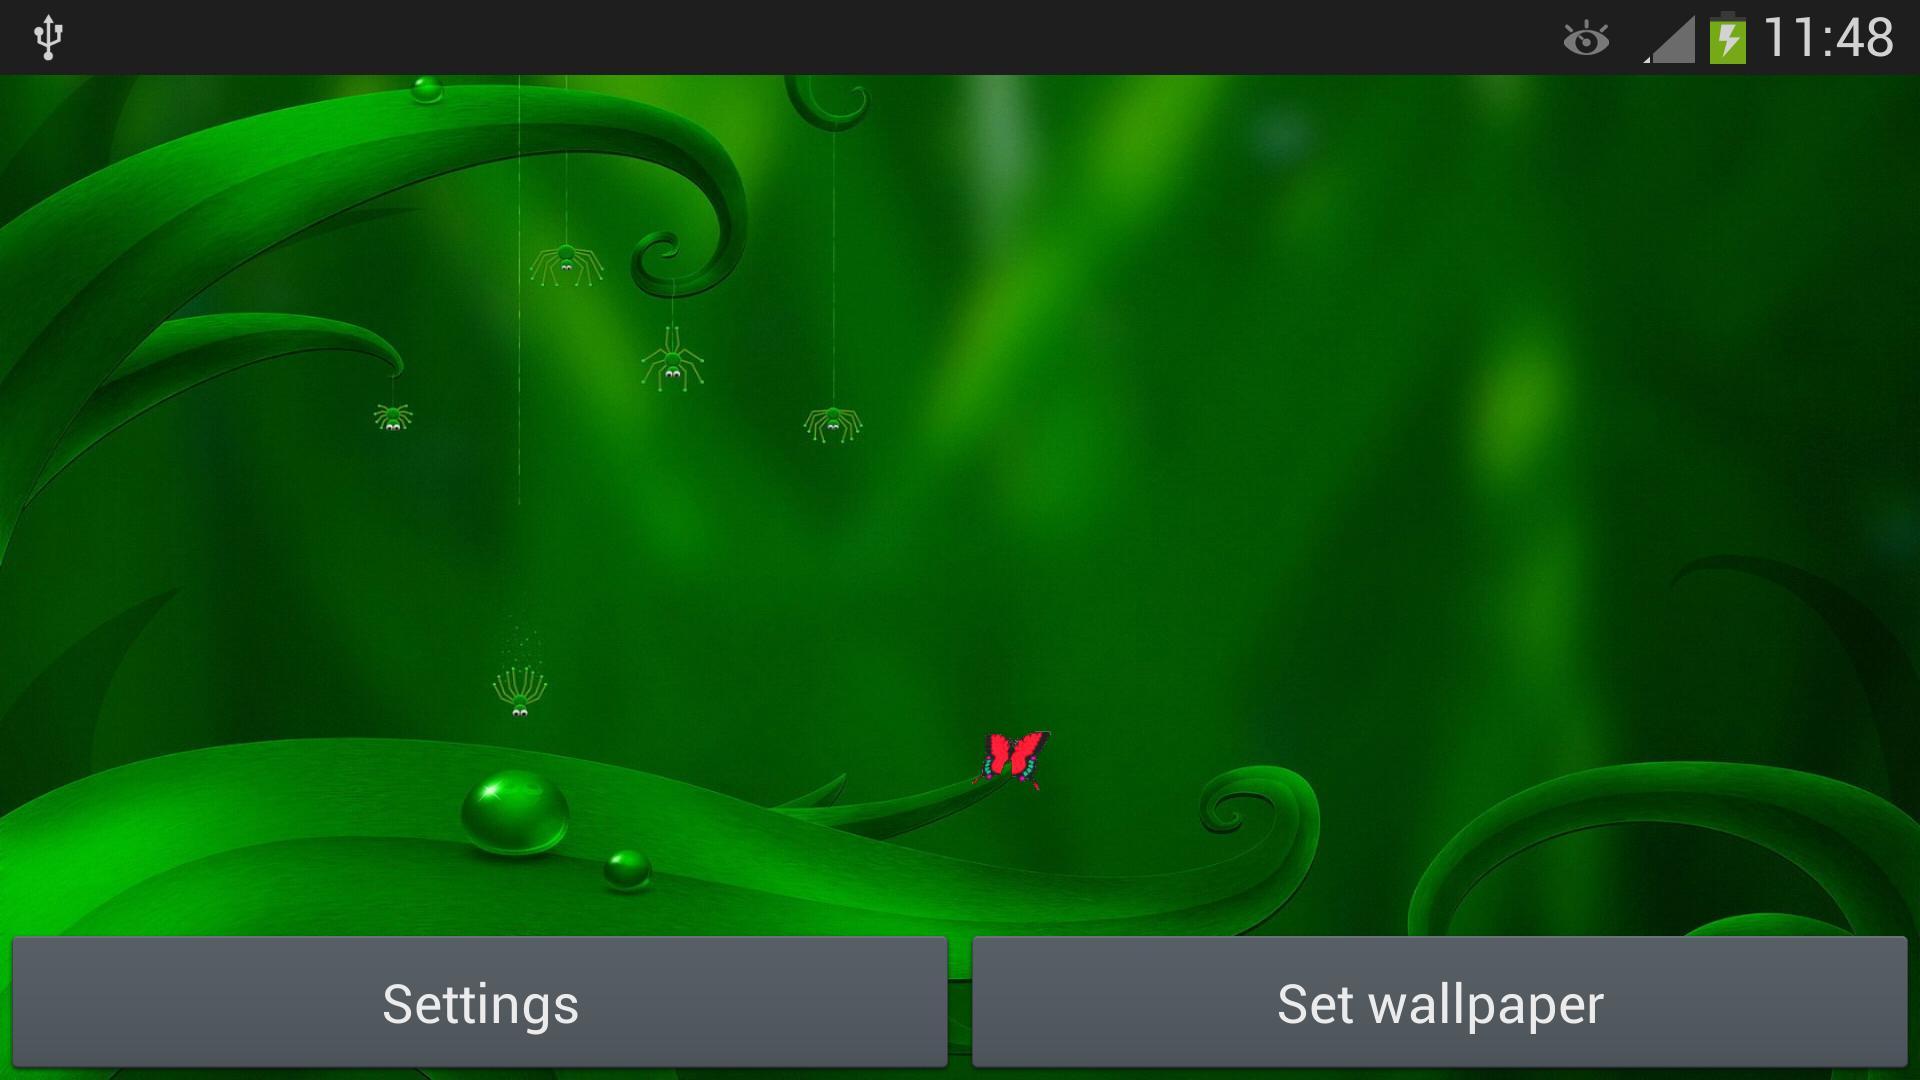 Android 用の 緑のライブ壁紙 Apk をダウンロード